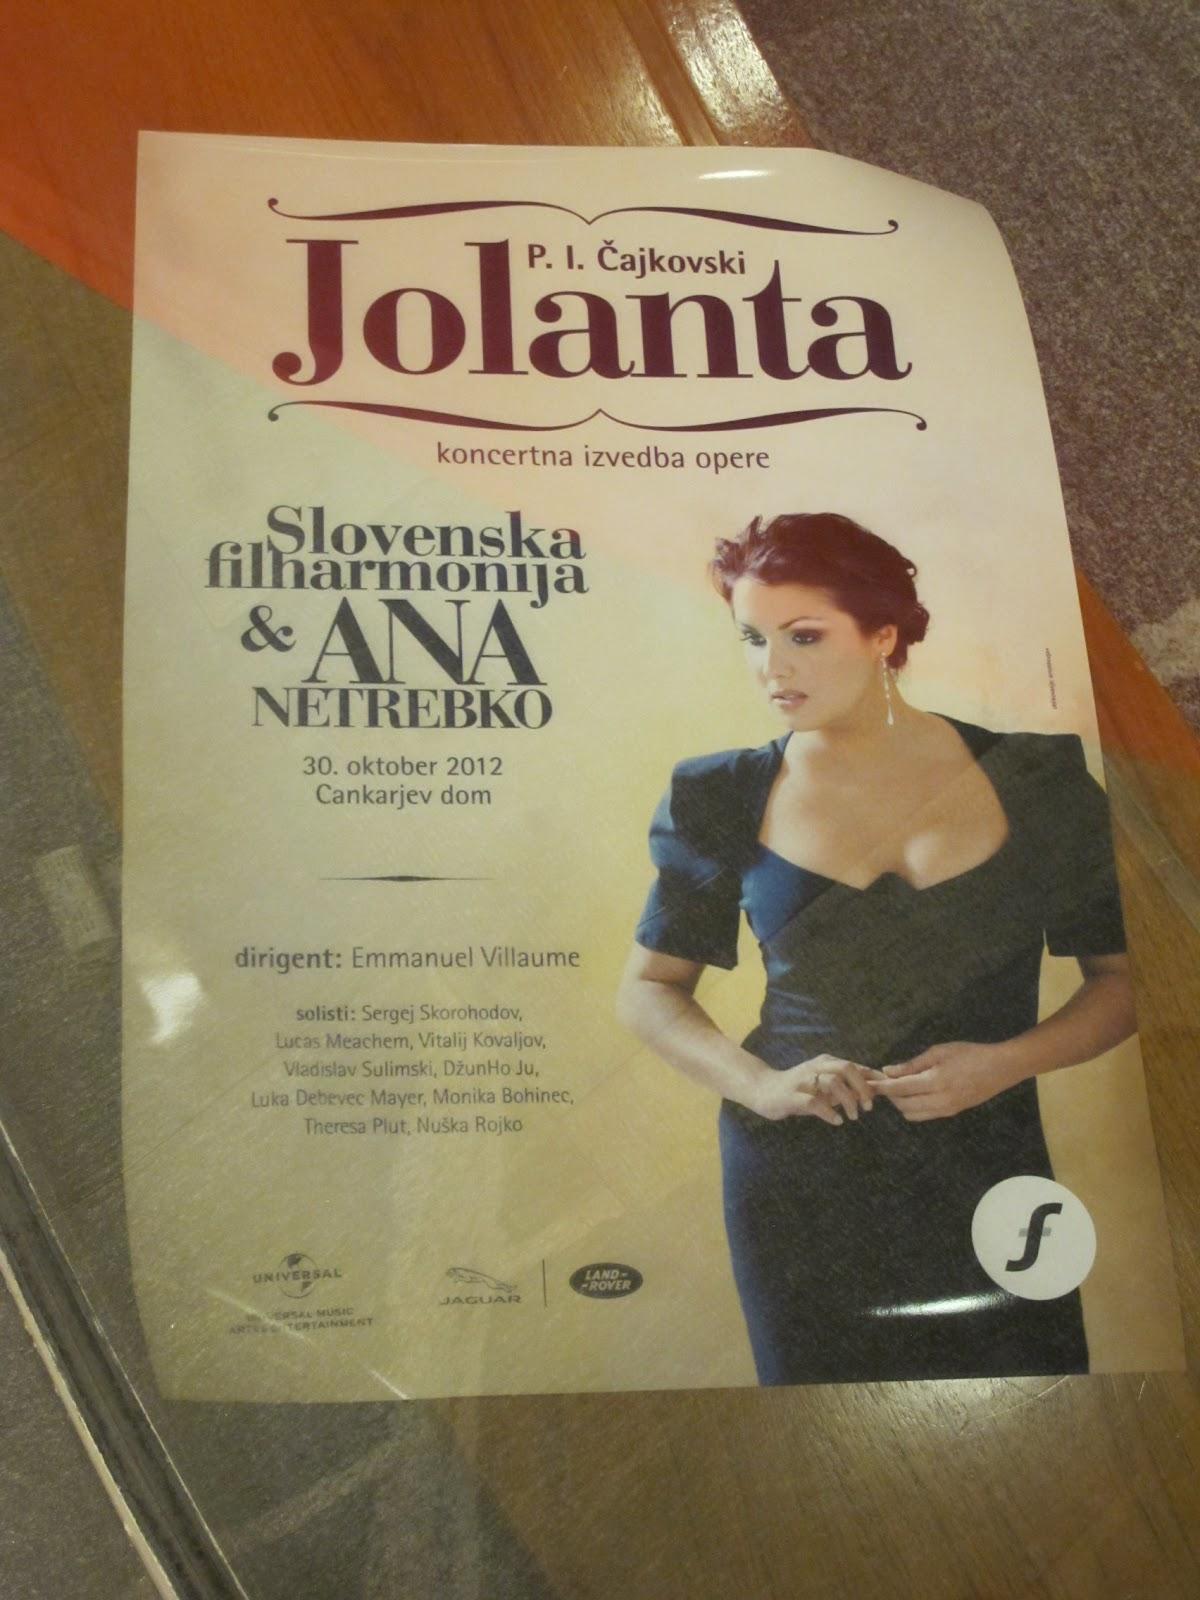 http://4.bp.blogspot.com/-ncYydcAWdn8/UJDIOiNSO1I/AAAAAAAAGxo/0QiqV4uxx10/s1600/Iolanta_Ljubljana_301012_01.JPG